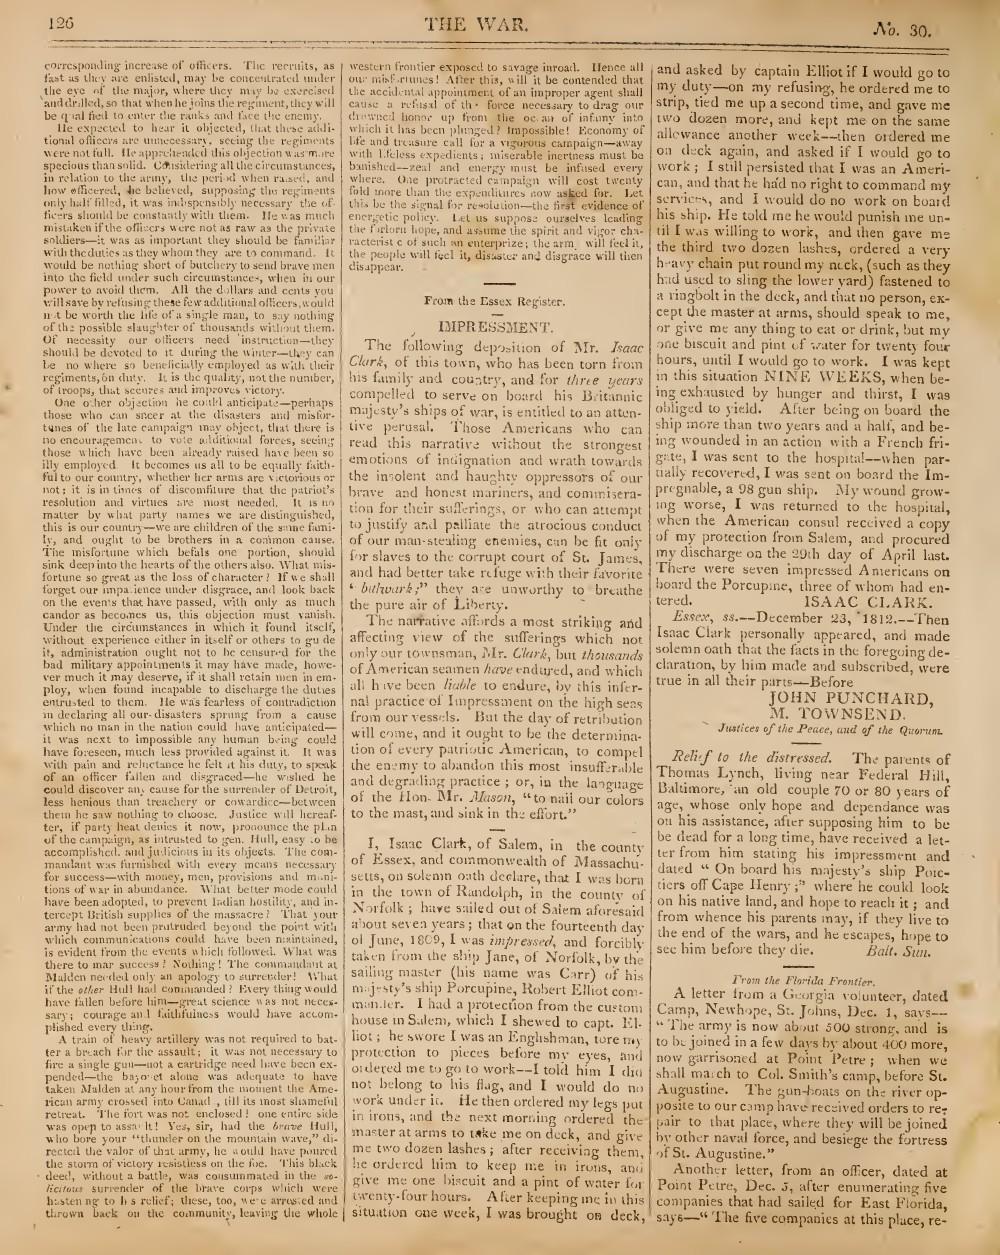 The War, 16 January 1813 (vol. 1, no. 30)